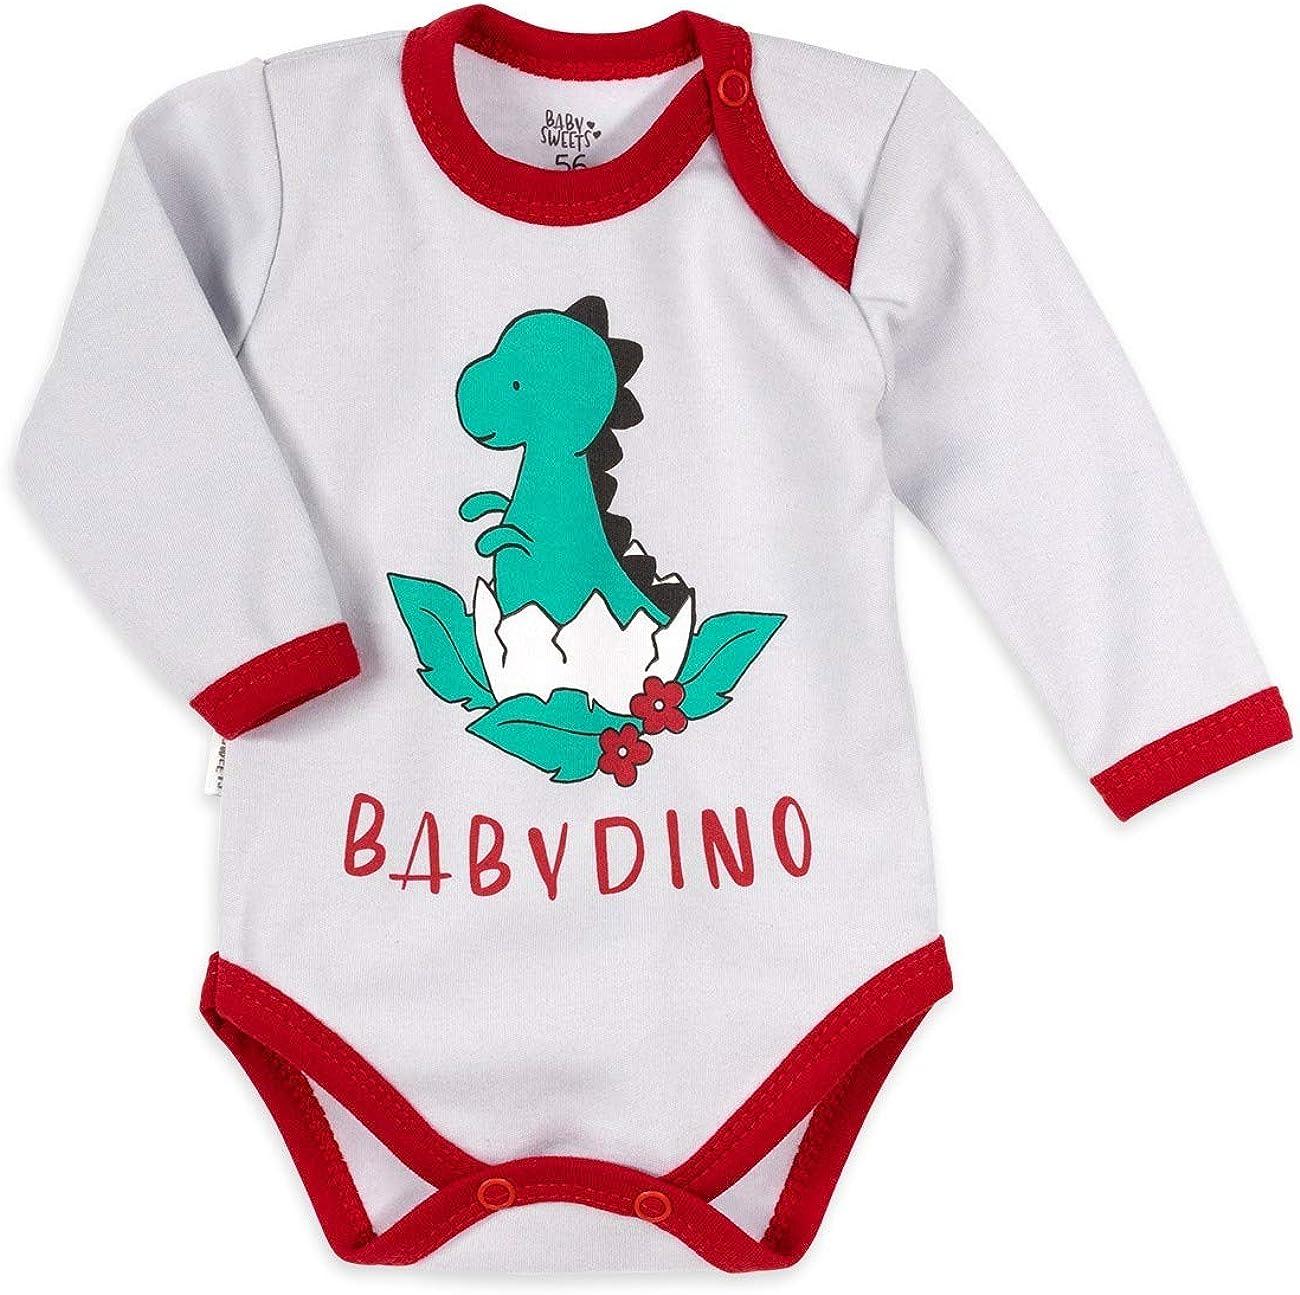 Baby Sweets 2er Set Bodies aus Baumwolle f/ür M/ädchen und Jungen Body-Set f/ür Neugeborene /& Kleinkinder in verschiedenen Gr/ö/ßen